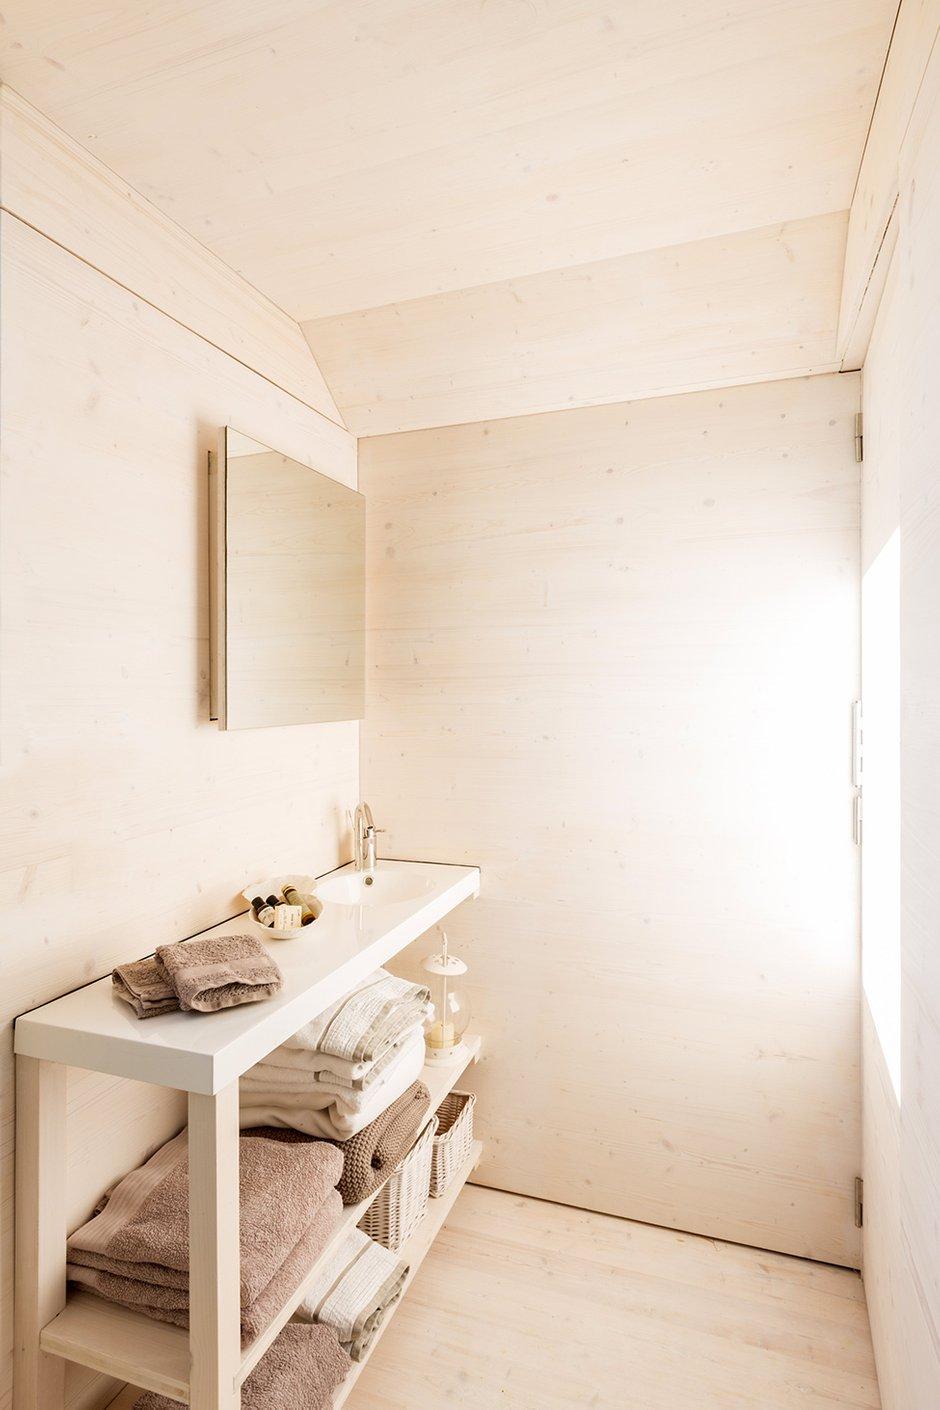 Фотография: Ванная в стиле Прованс и Кантри, Современный, Декор интерьера, Дом, Дома и квартиры, Архитектурные объекты – фото на INMYROOM